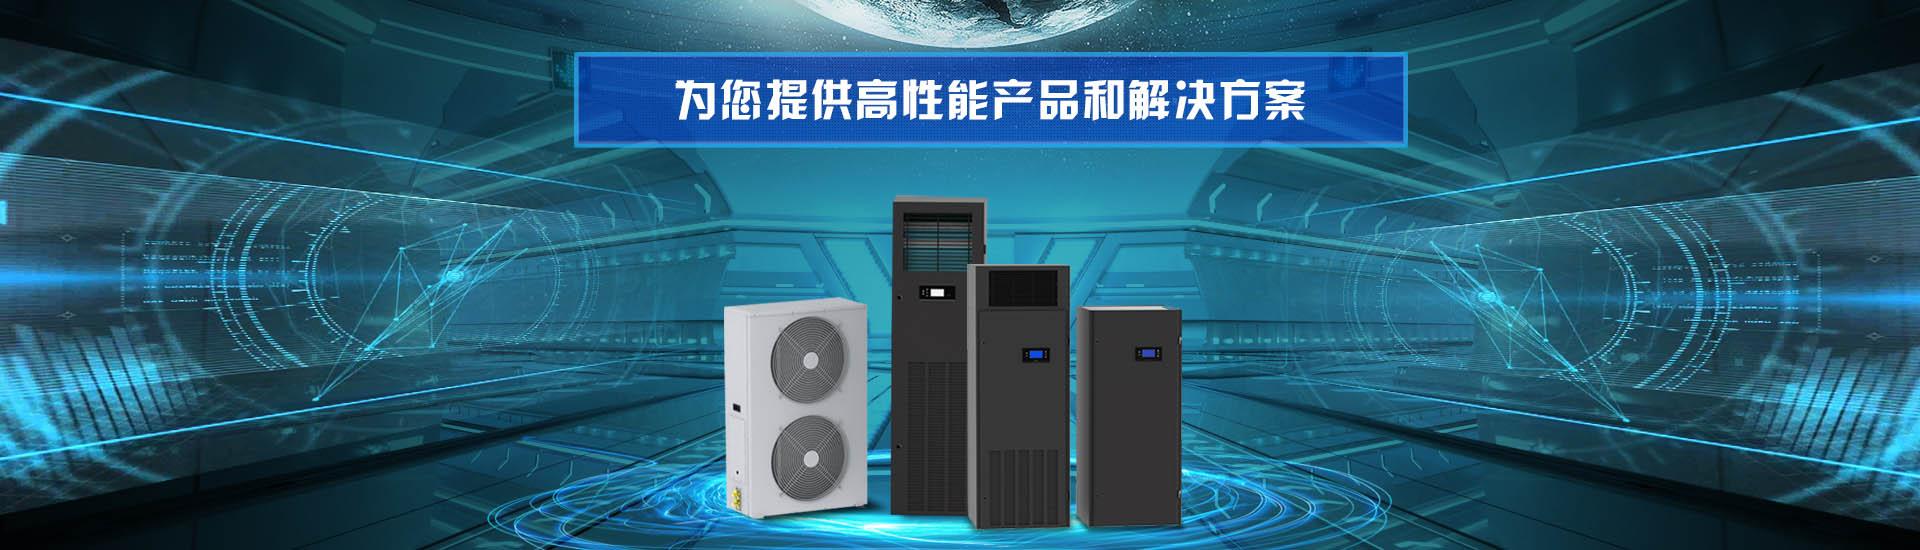 机房空调厂家提供高性能产品和解决方案